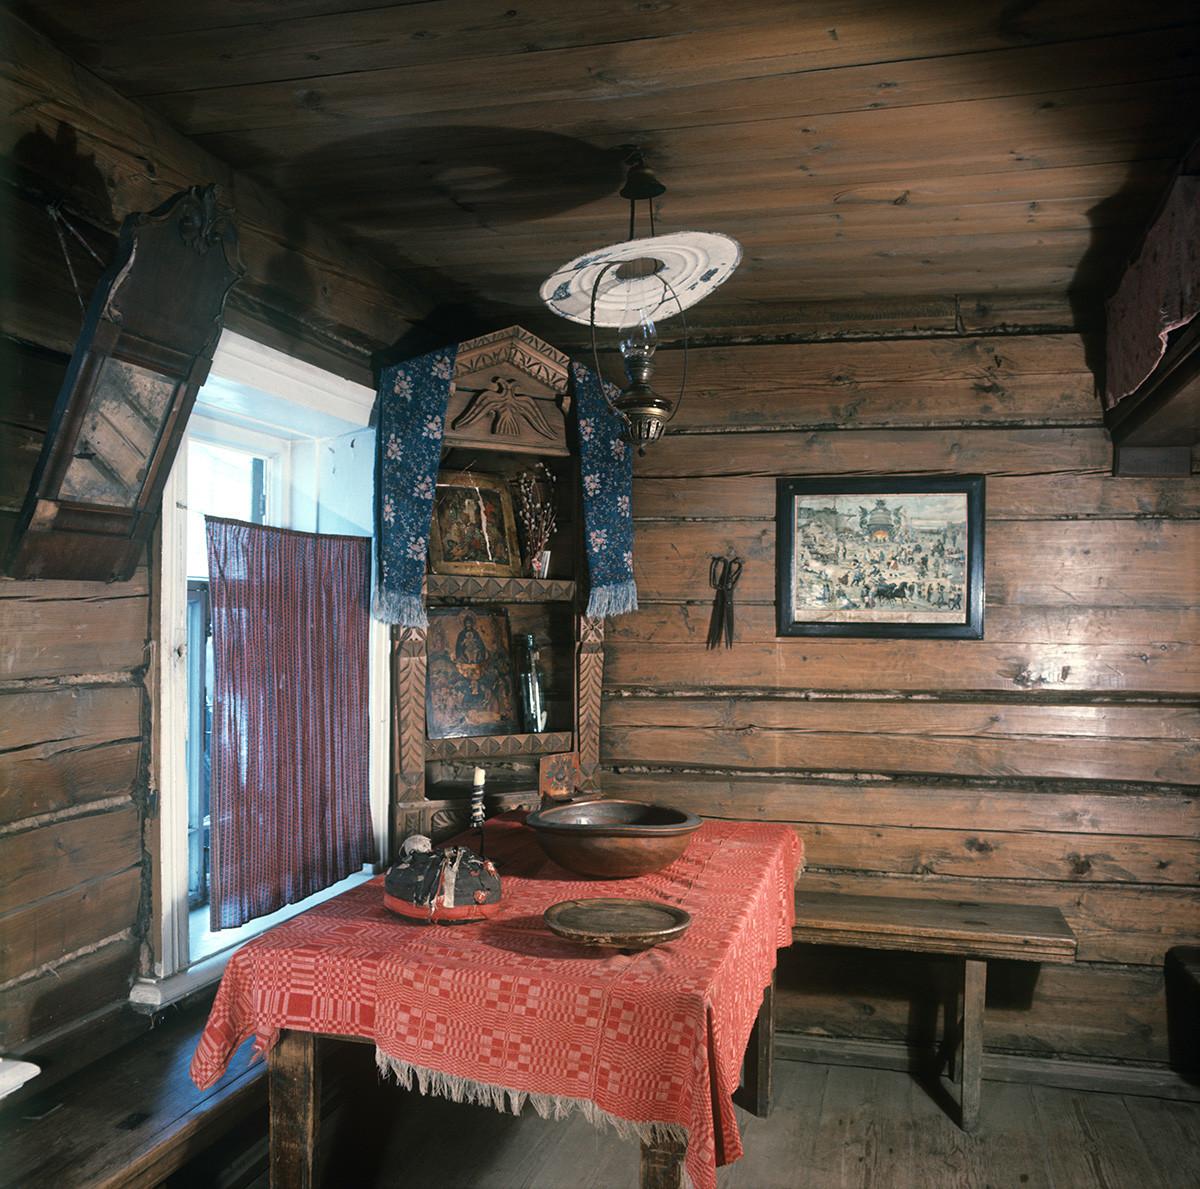 Rumah museum masa kecil Gorky, bagian dapur.